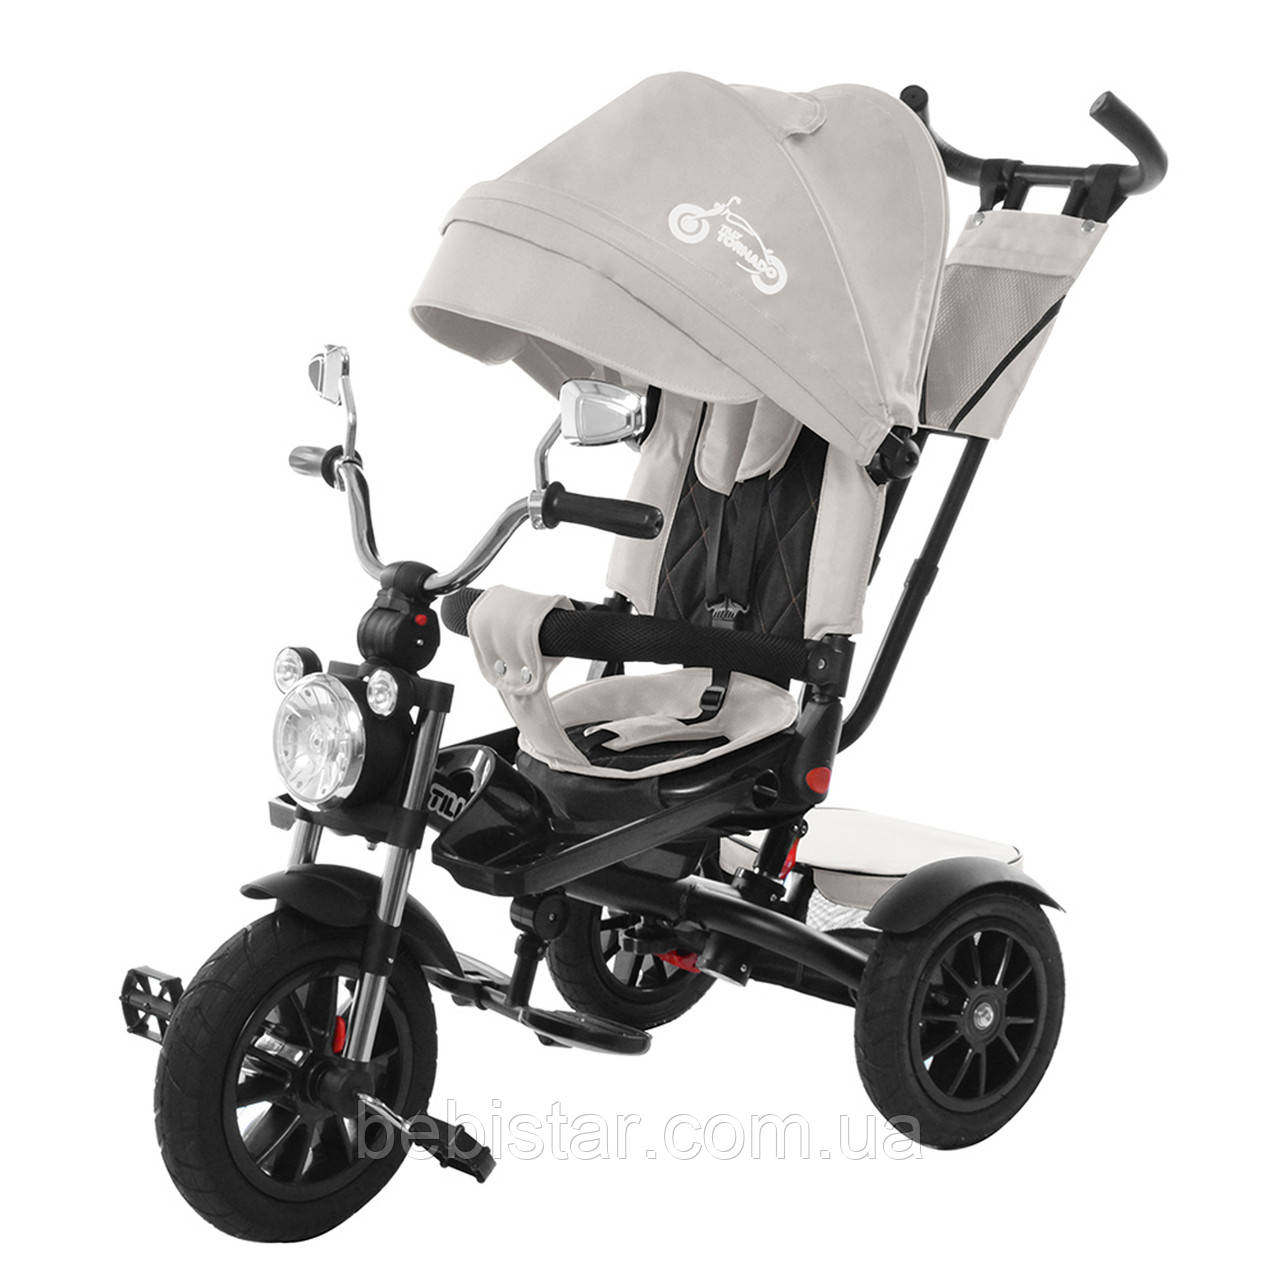 Трехколесный велосипед TILLY TORNADO серый надувные колеса подкрыльники поворотное сидение музыка и свет